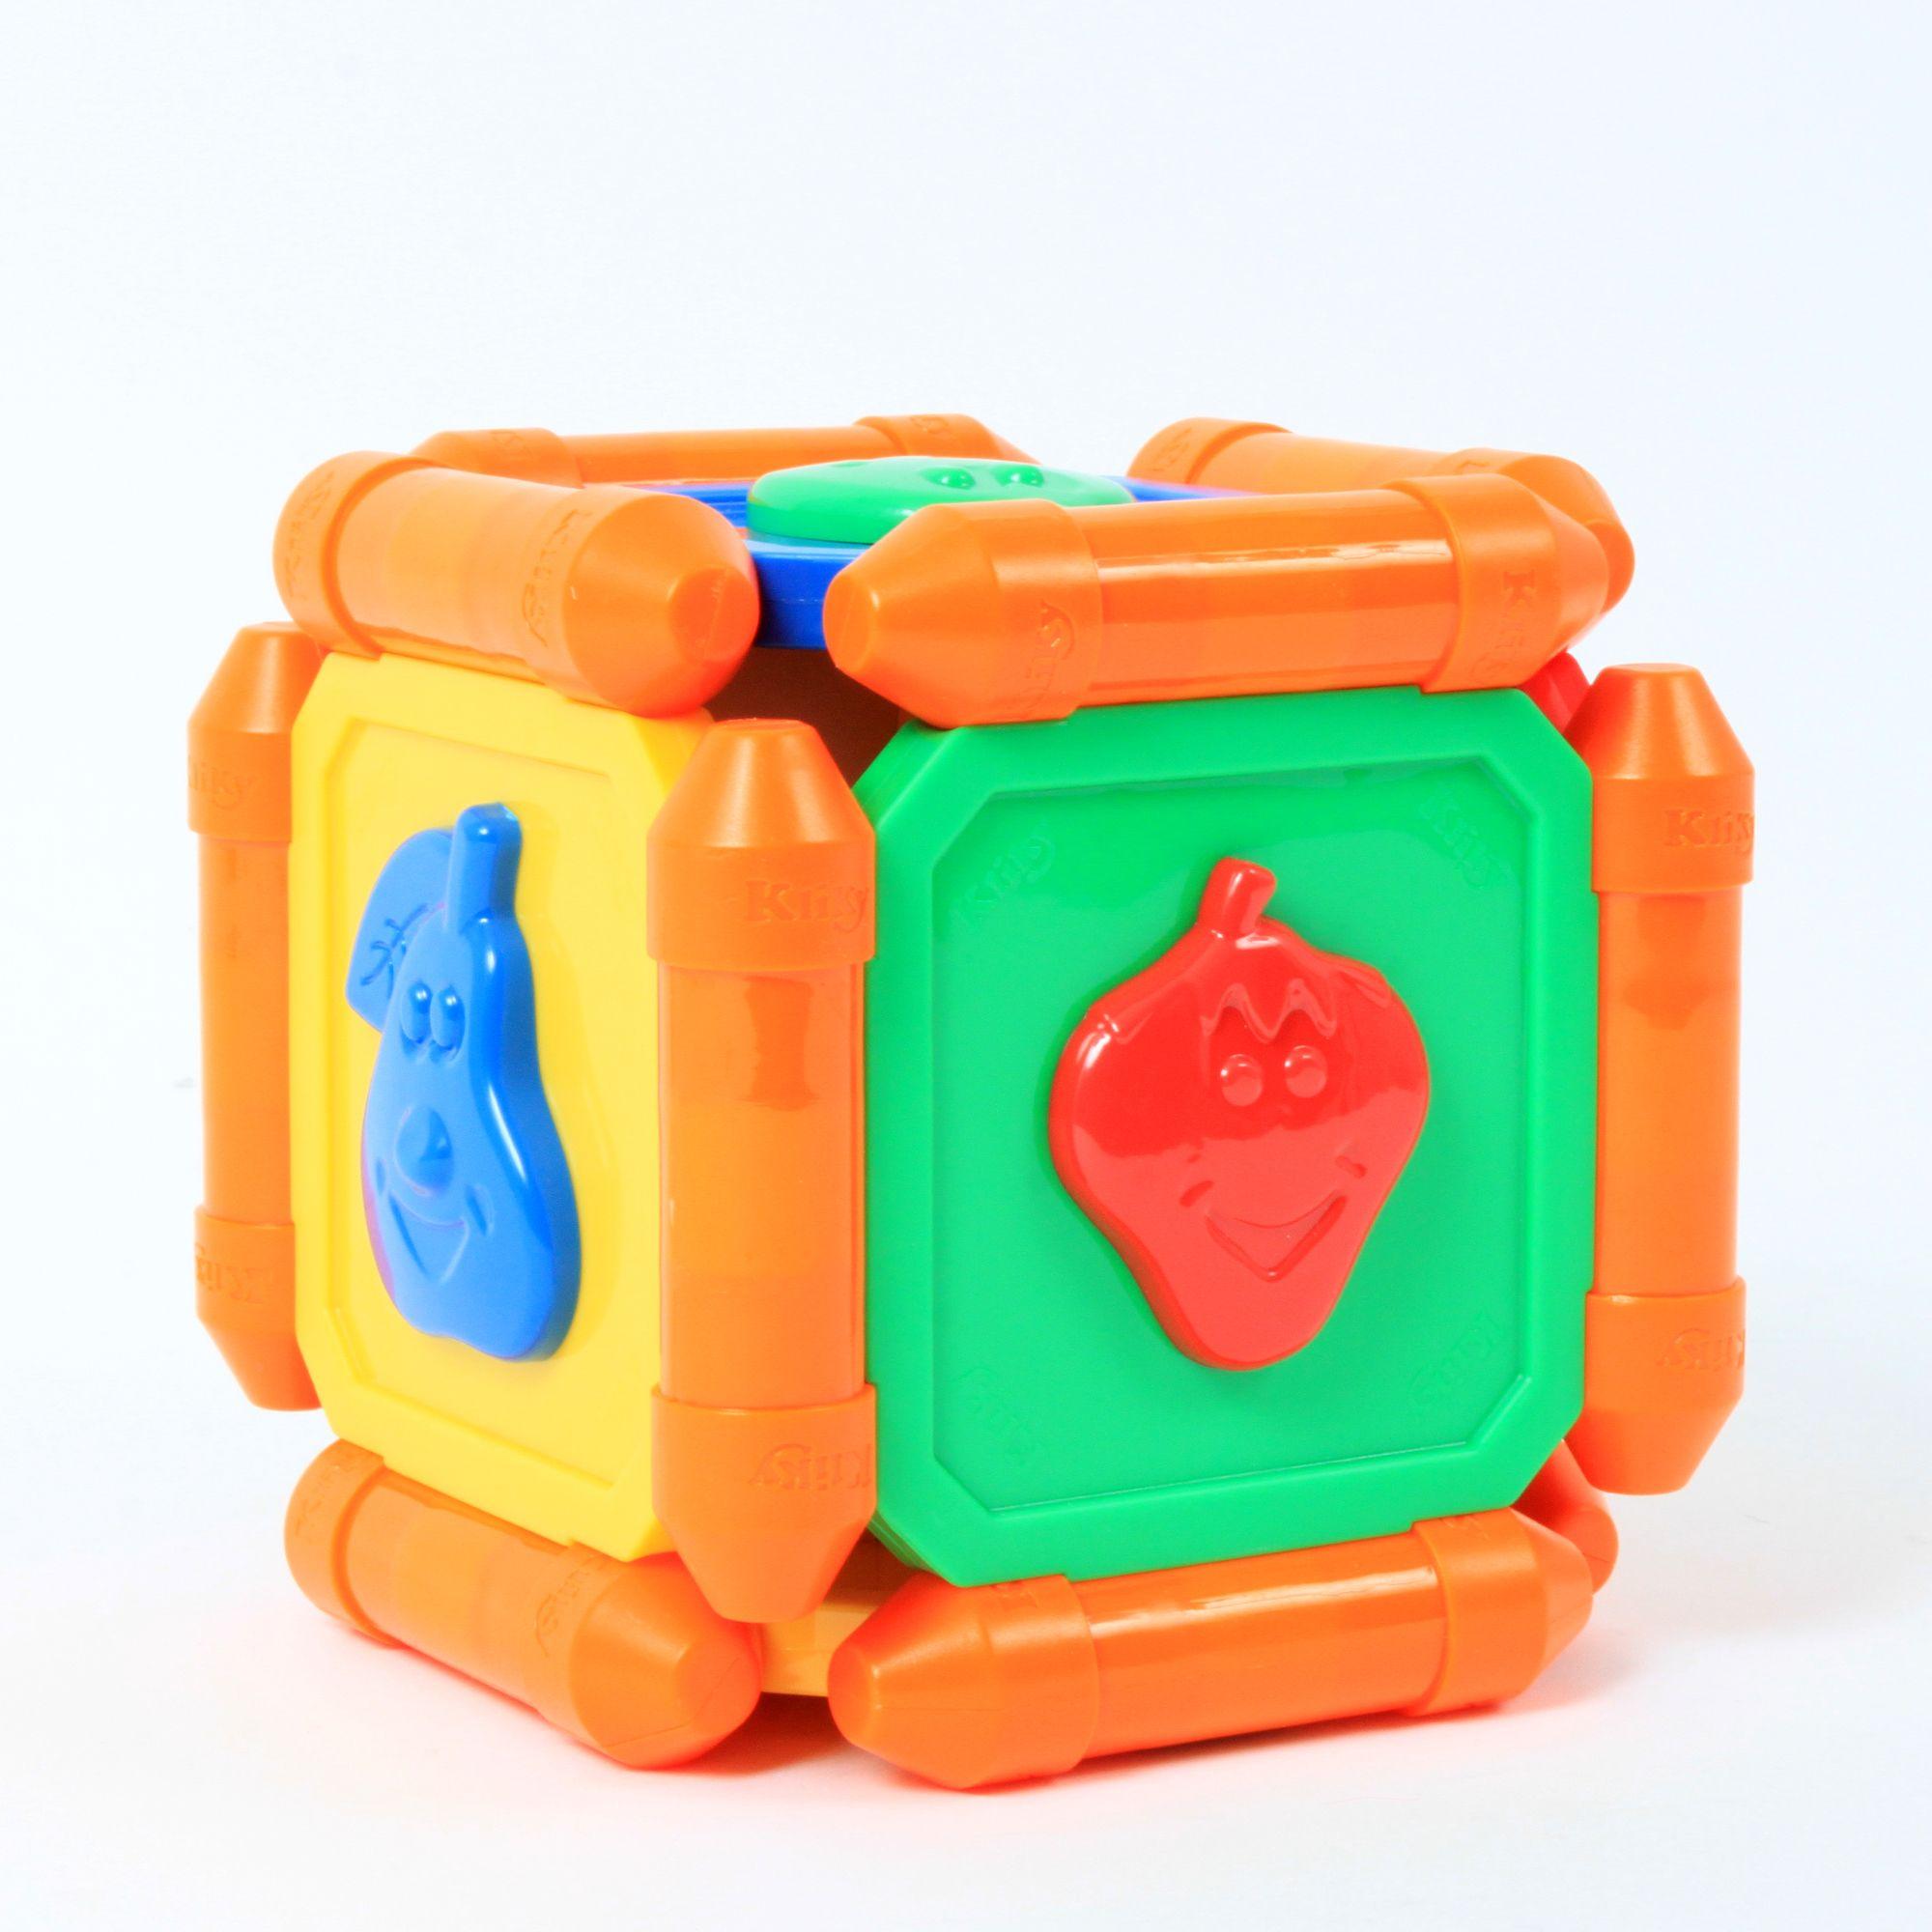 950005 jeu de construction aimant kliky coffret cube avec faces comportant des formes. Black Bedroom Furniture Sets. Home Design Ideas